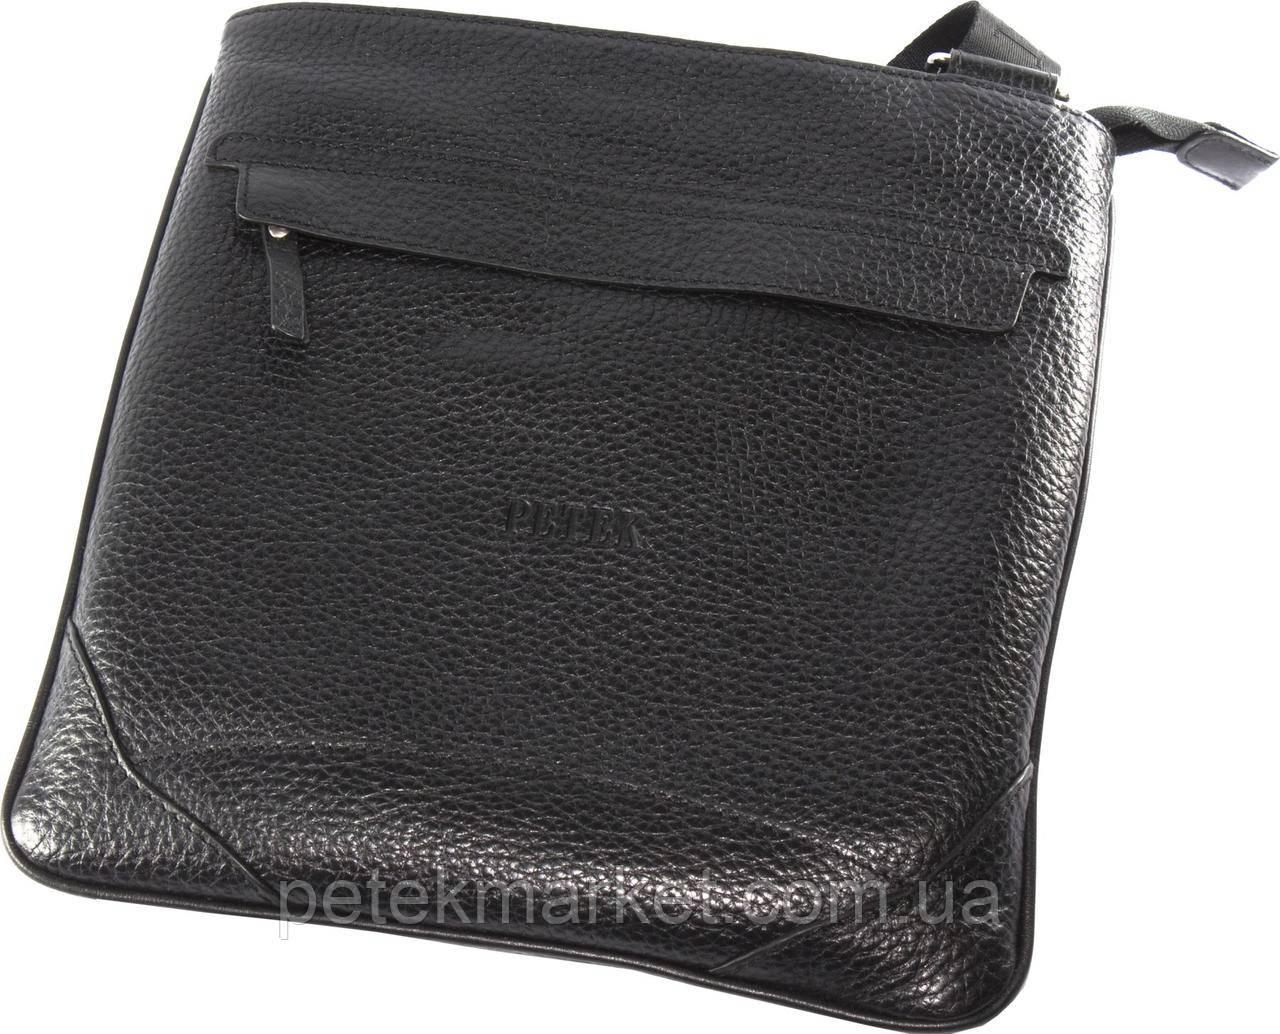 Кожаная мужская сумка Petek 3876/2